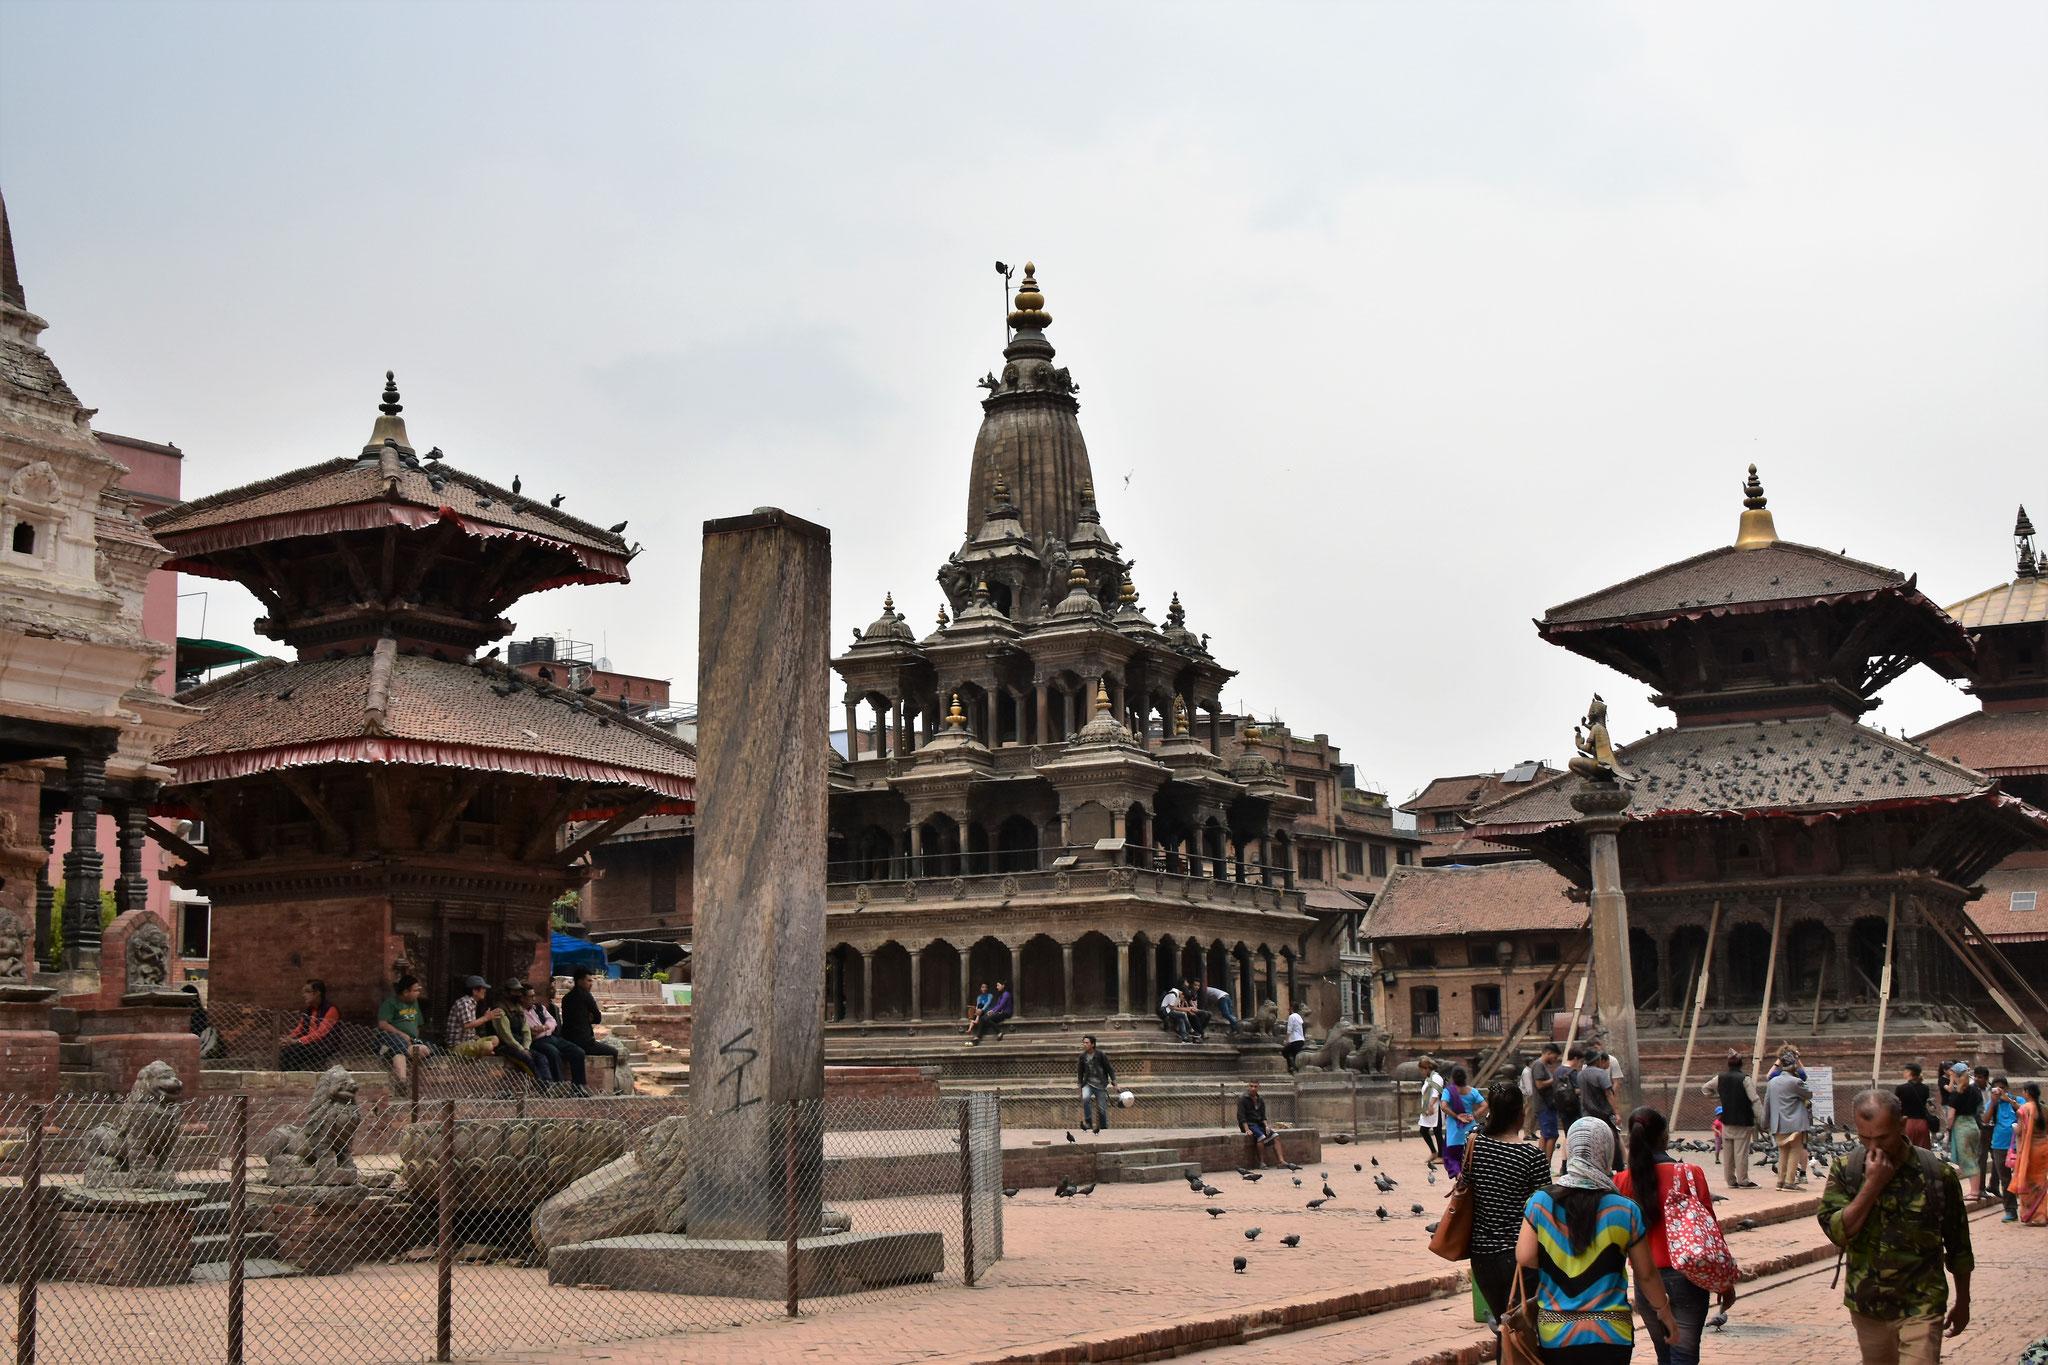 Patan Durbar Square, Lalitpur, Newari Yala